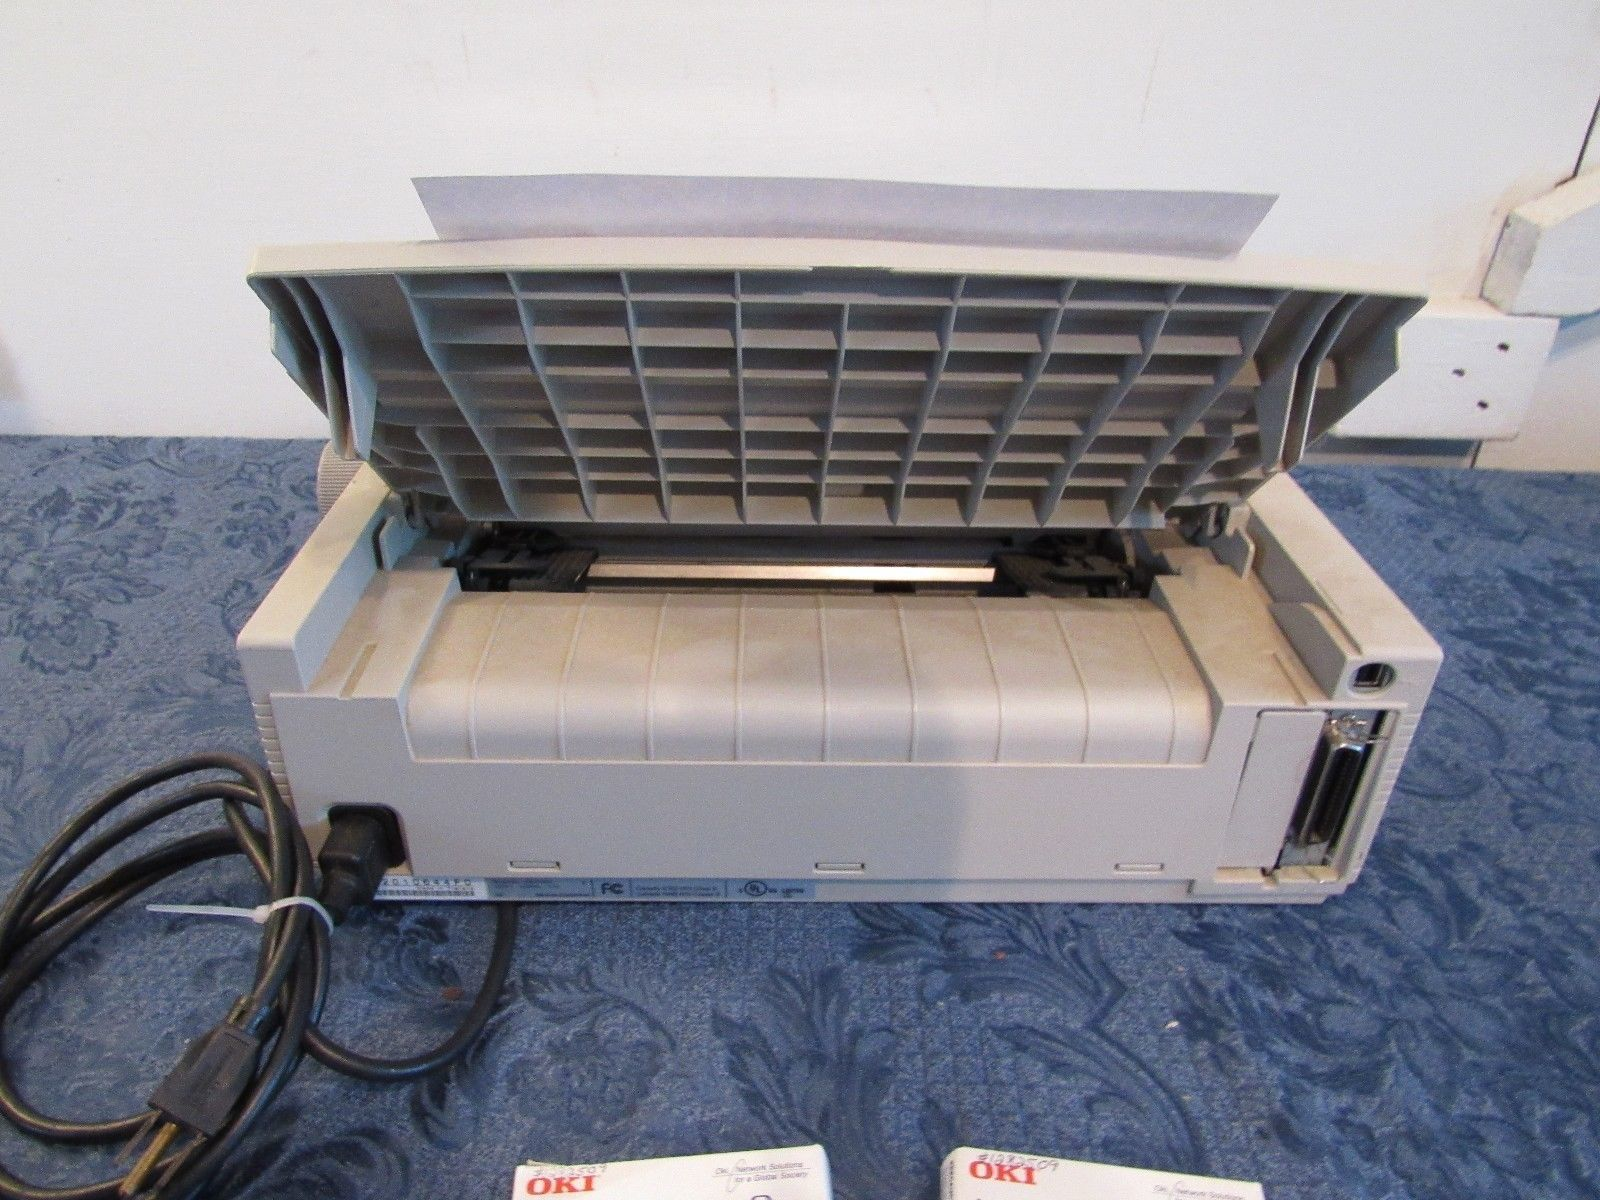 Oki Microline 320 Turbo 9 Pin Printer With Extras